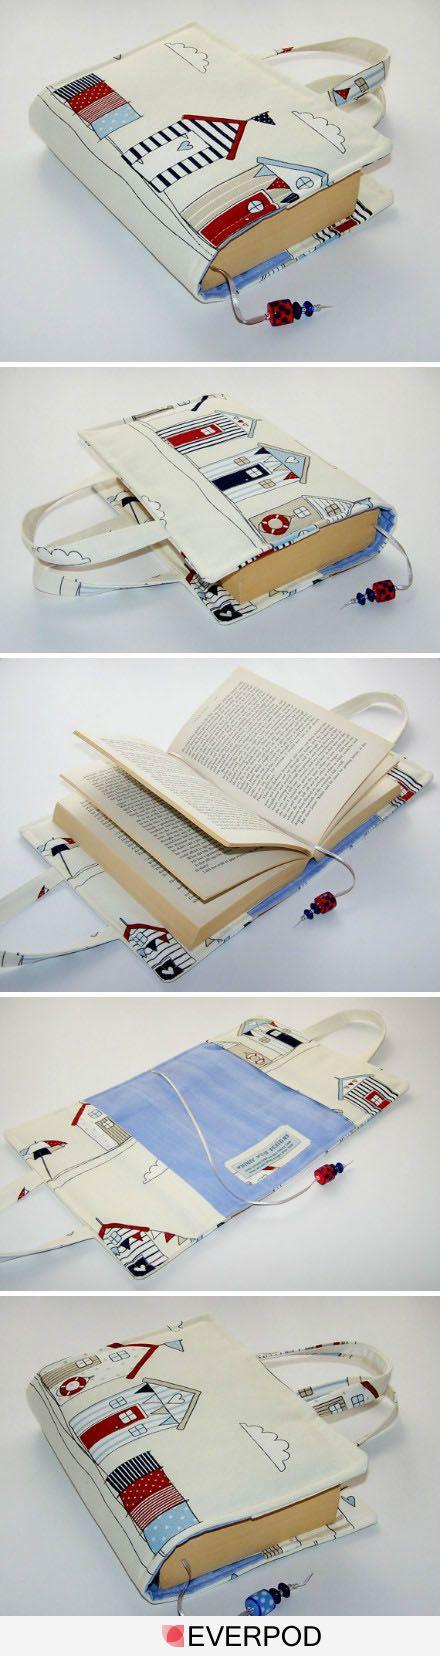 Quiero uno de estoooooo. Con bolsilo interior pa la tarjeta de crédito y no necesito más ;)